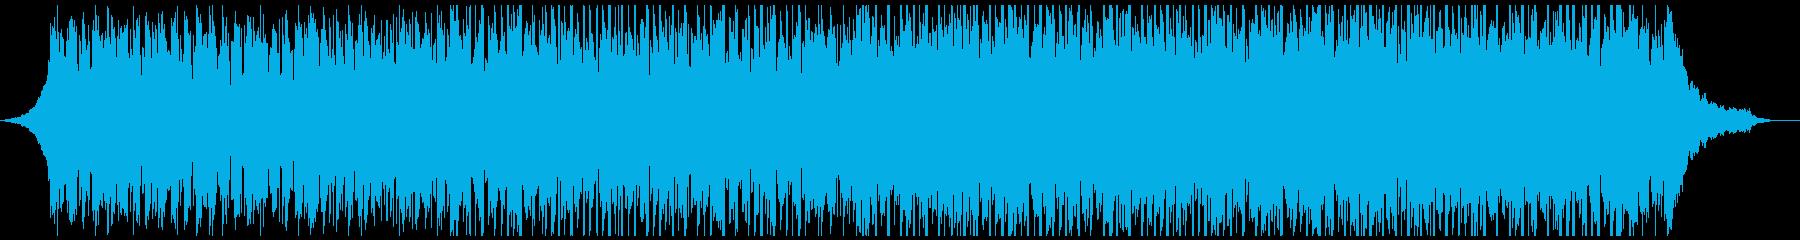 サイエンスコーポレート(中)の再生済みの波形